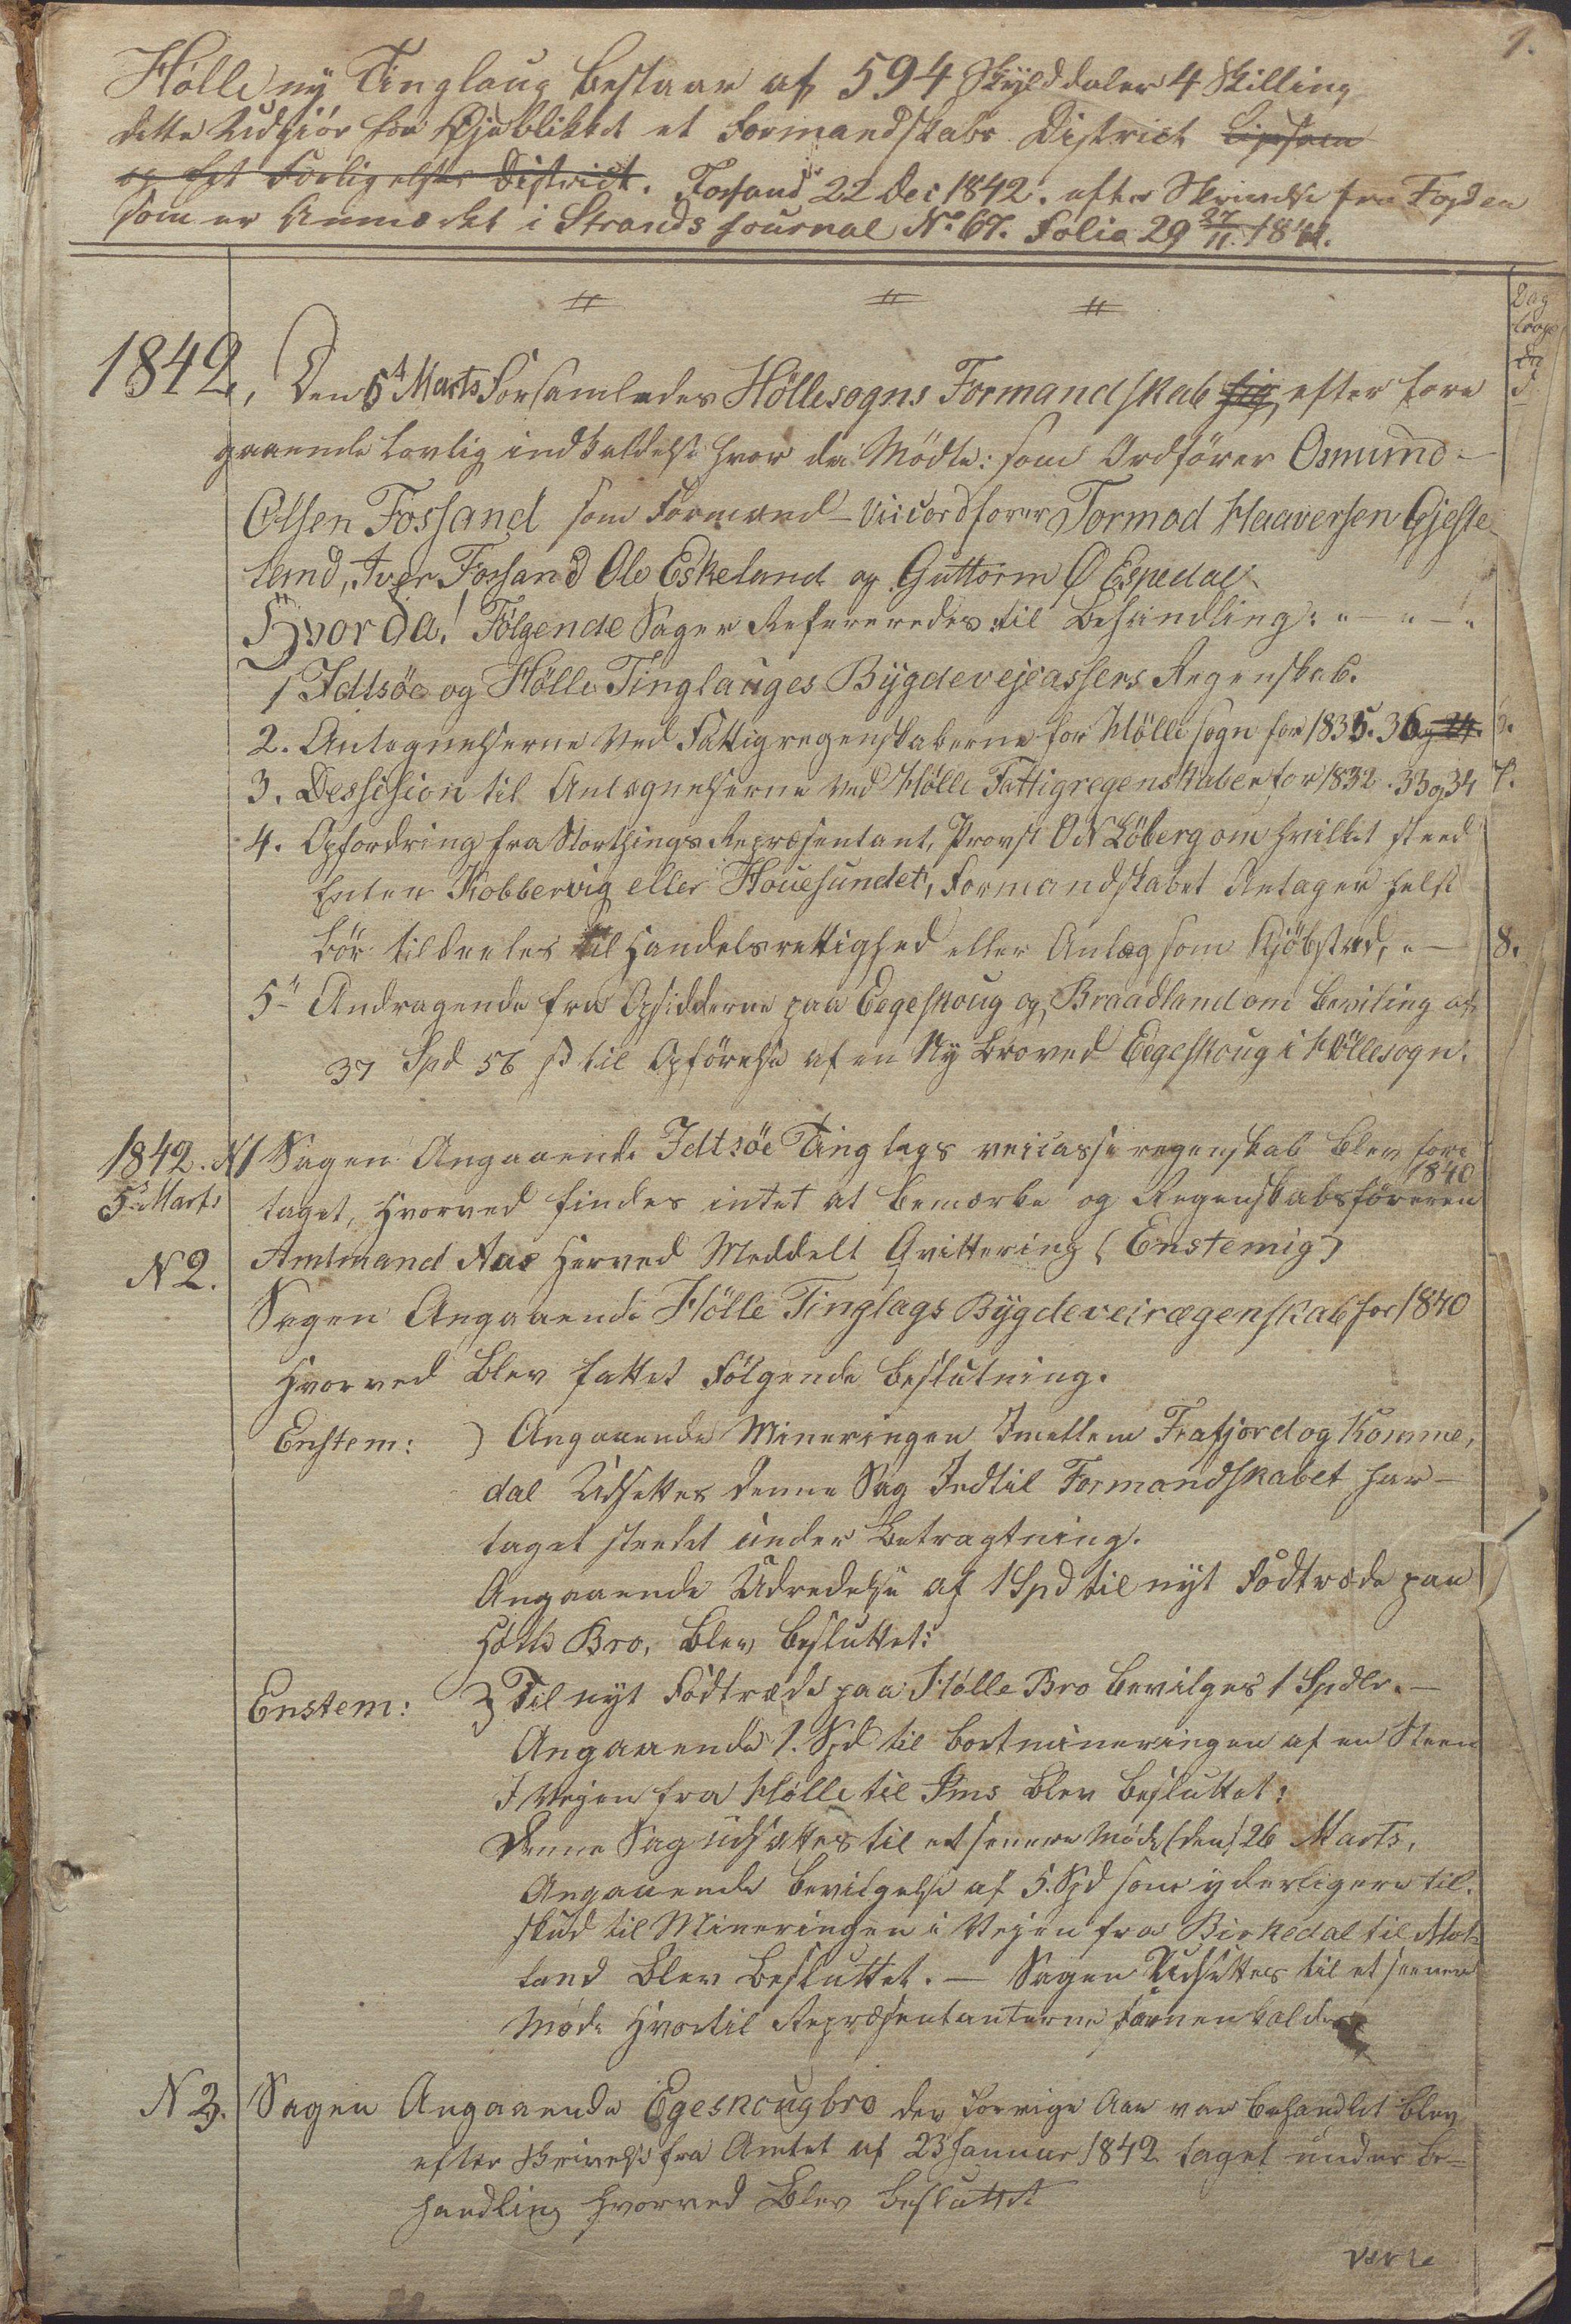 IKAR, Høle kommune - Formannskapet, Aa/L0001: Møtebok, 1842-1895, s. 1a